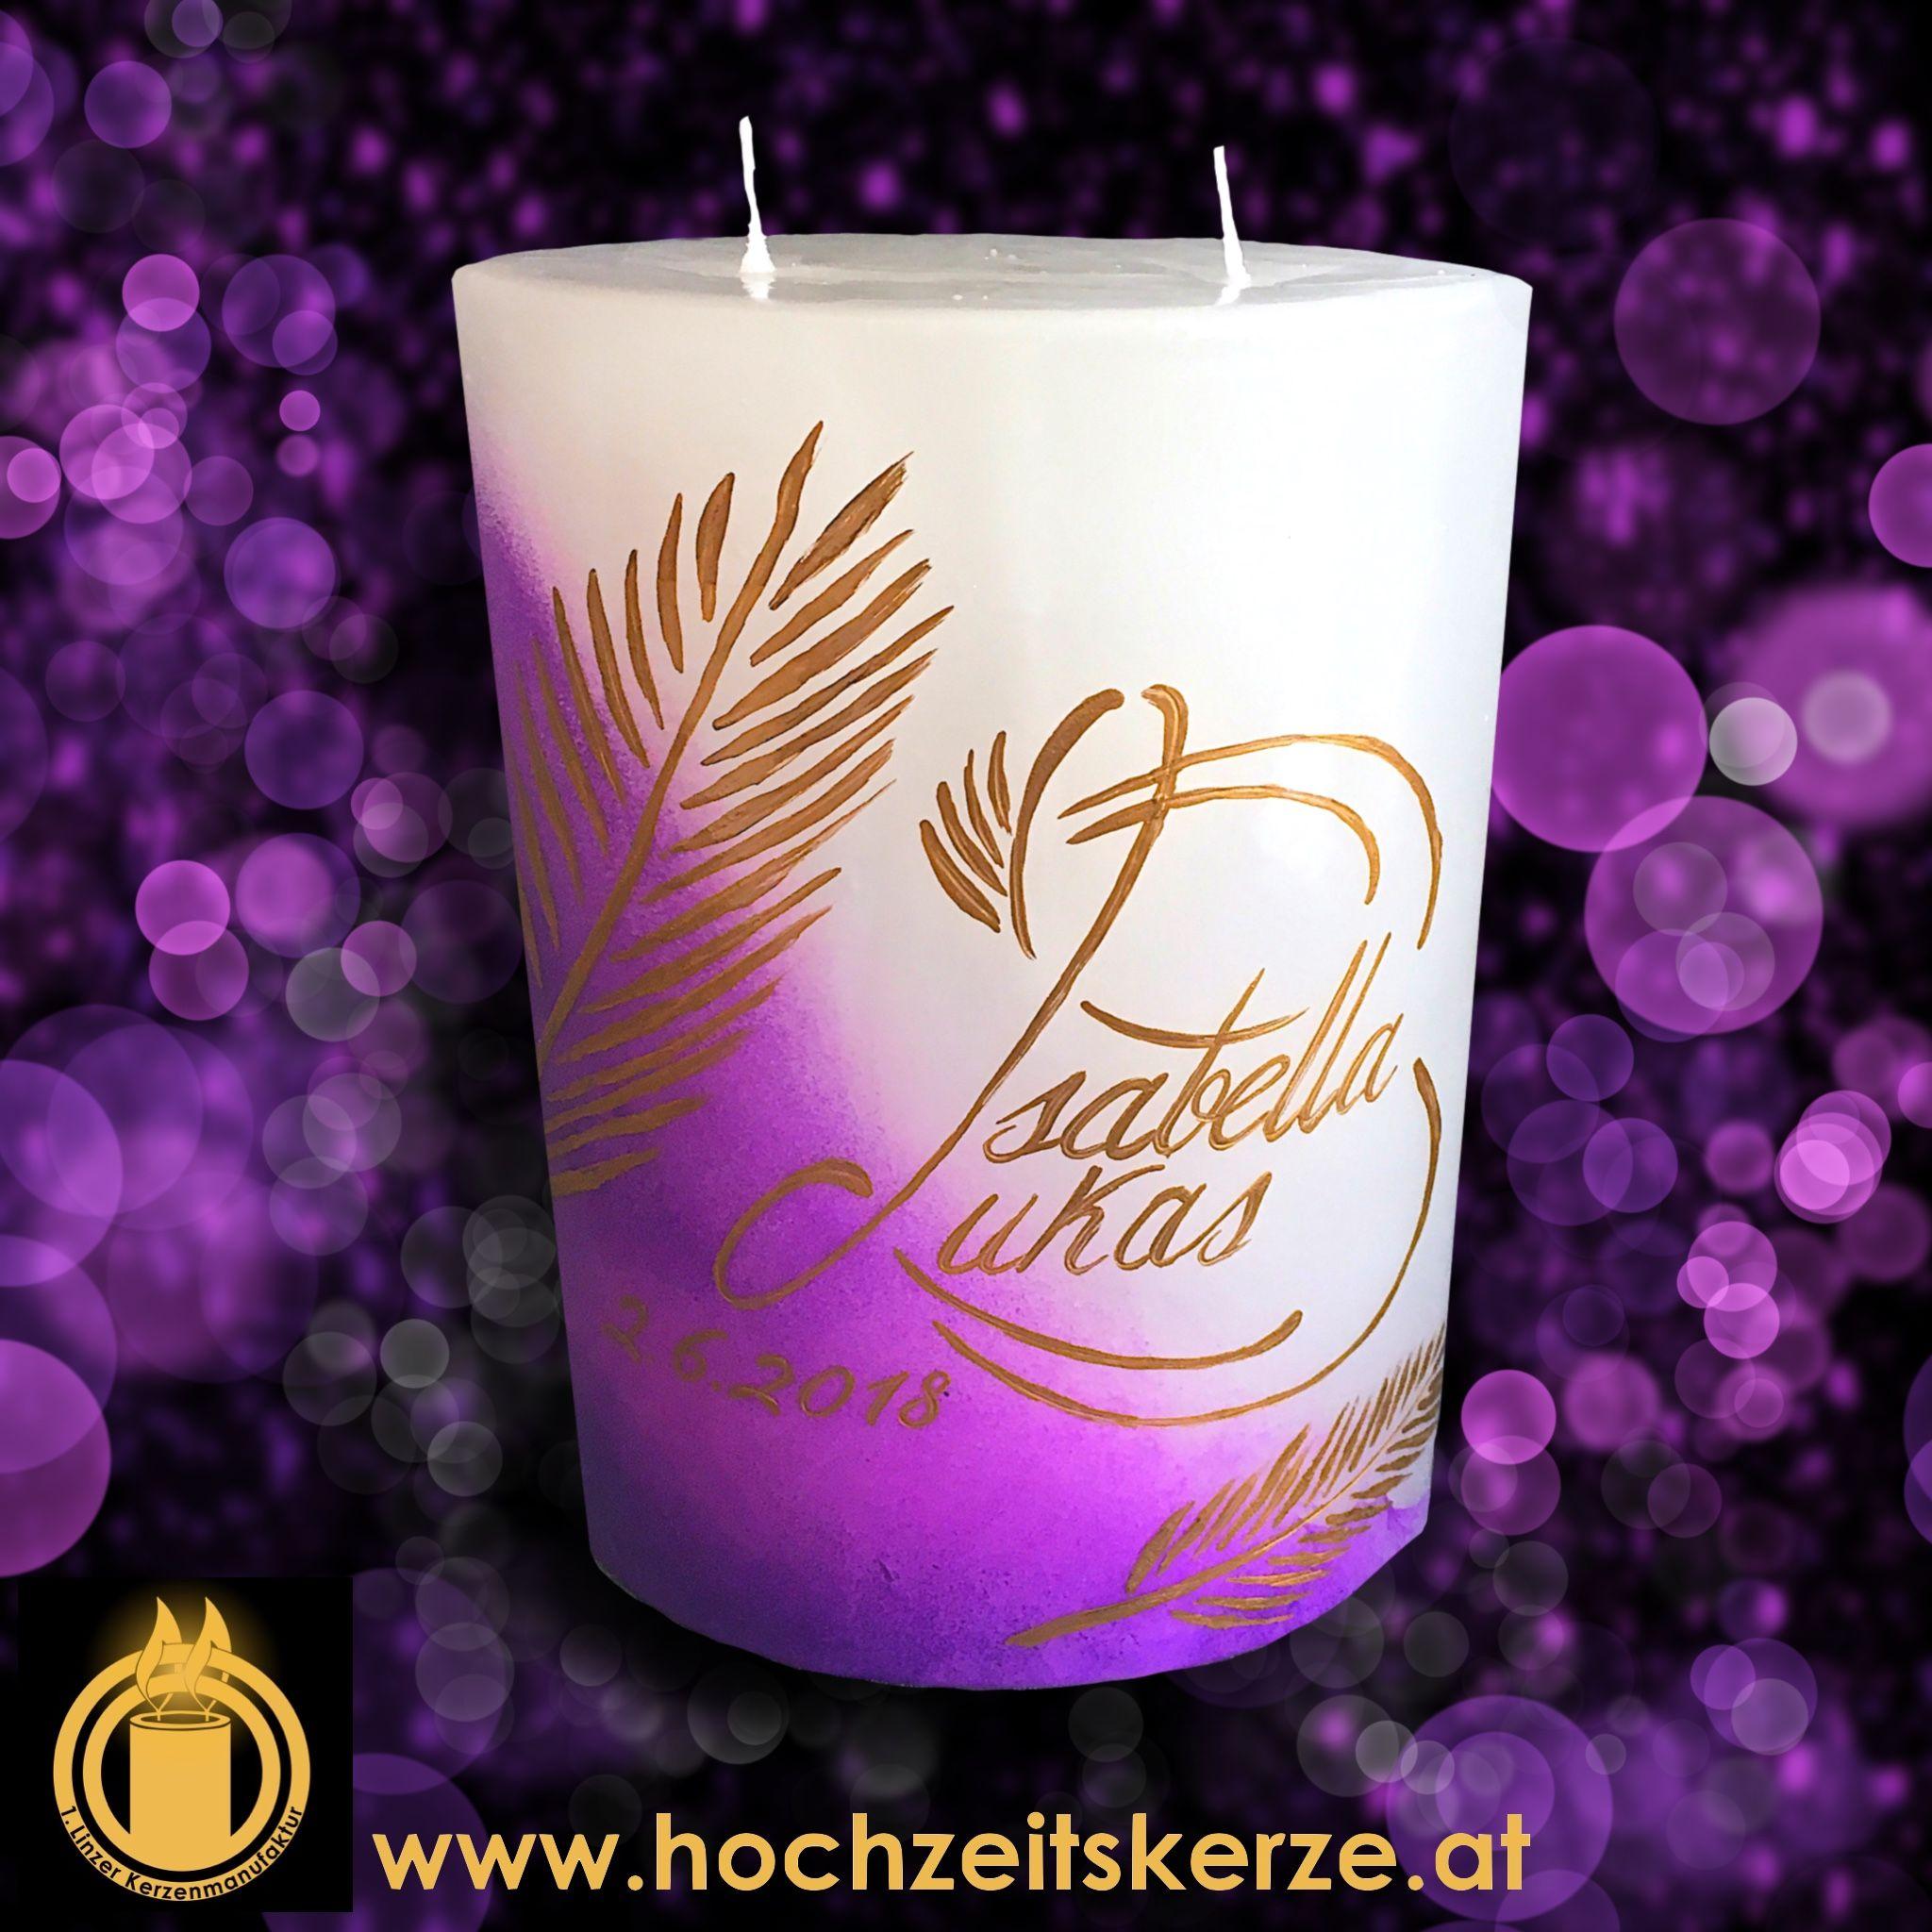 Hochzeitskerze Lila Hochzeitskerze Kerzen Hochzeitsgeschenk